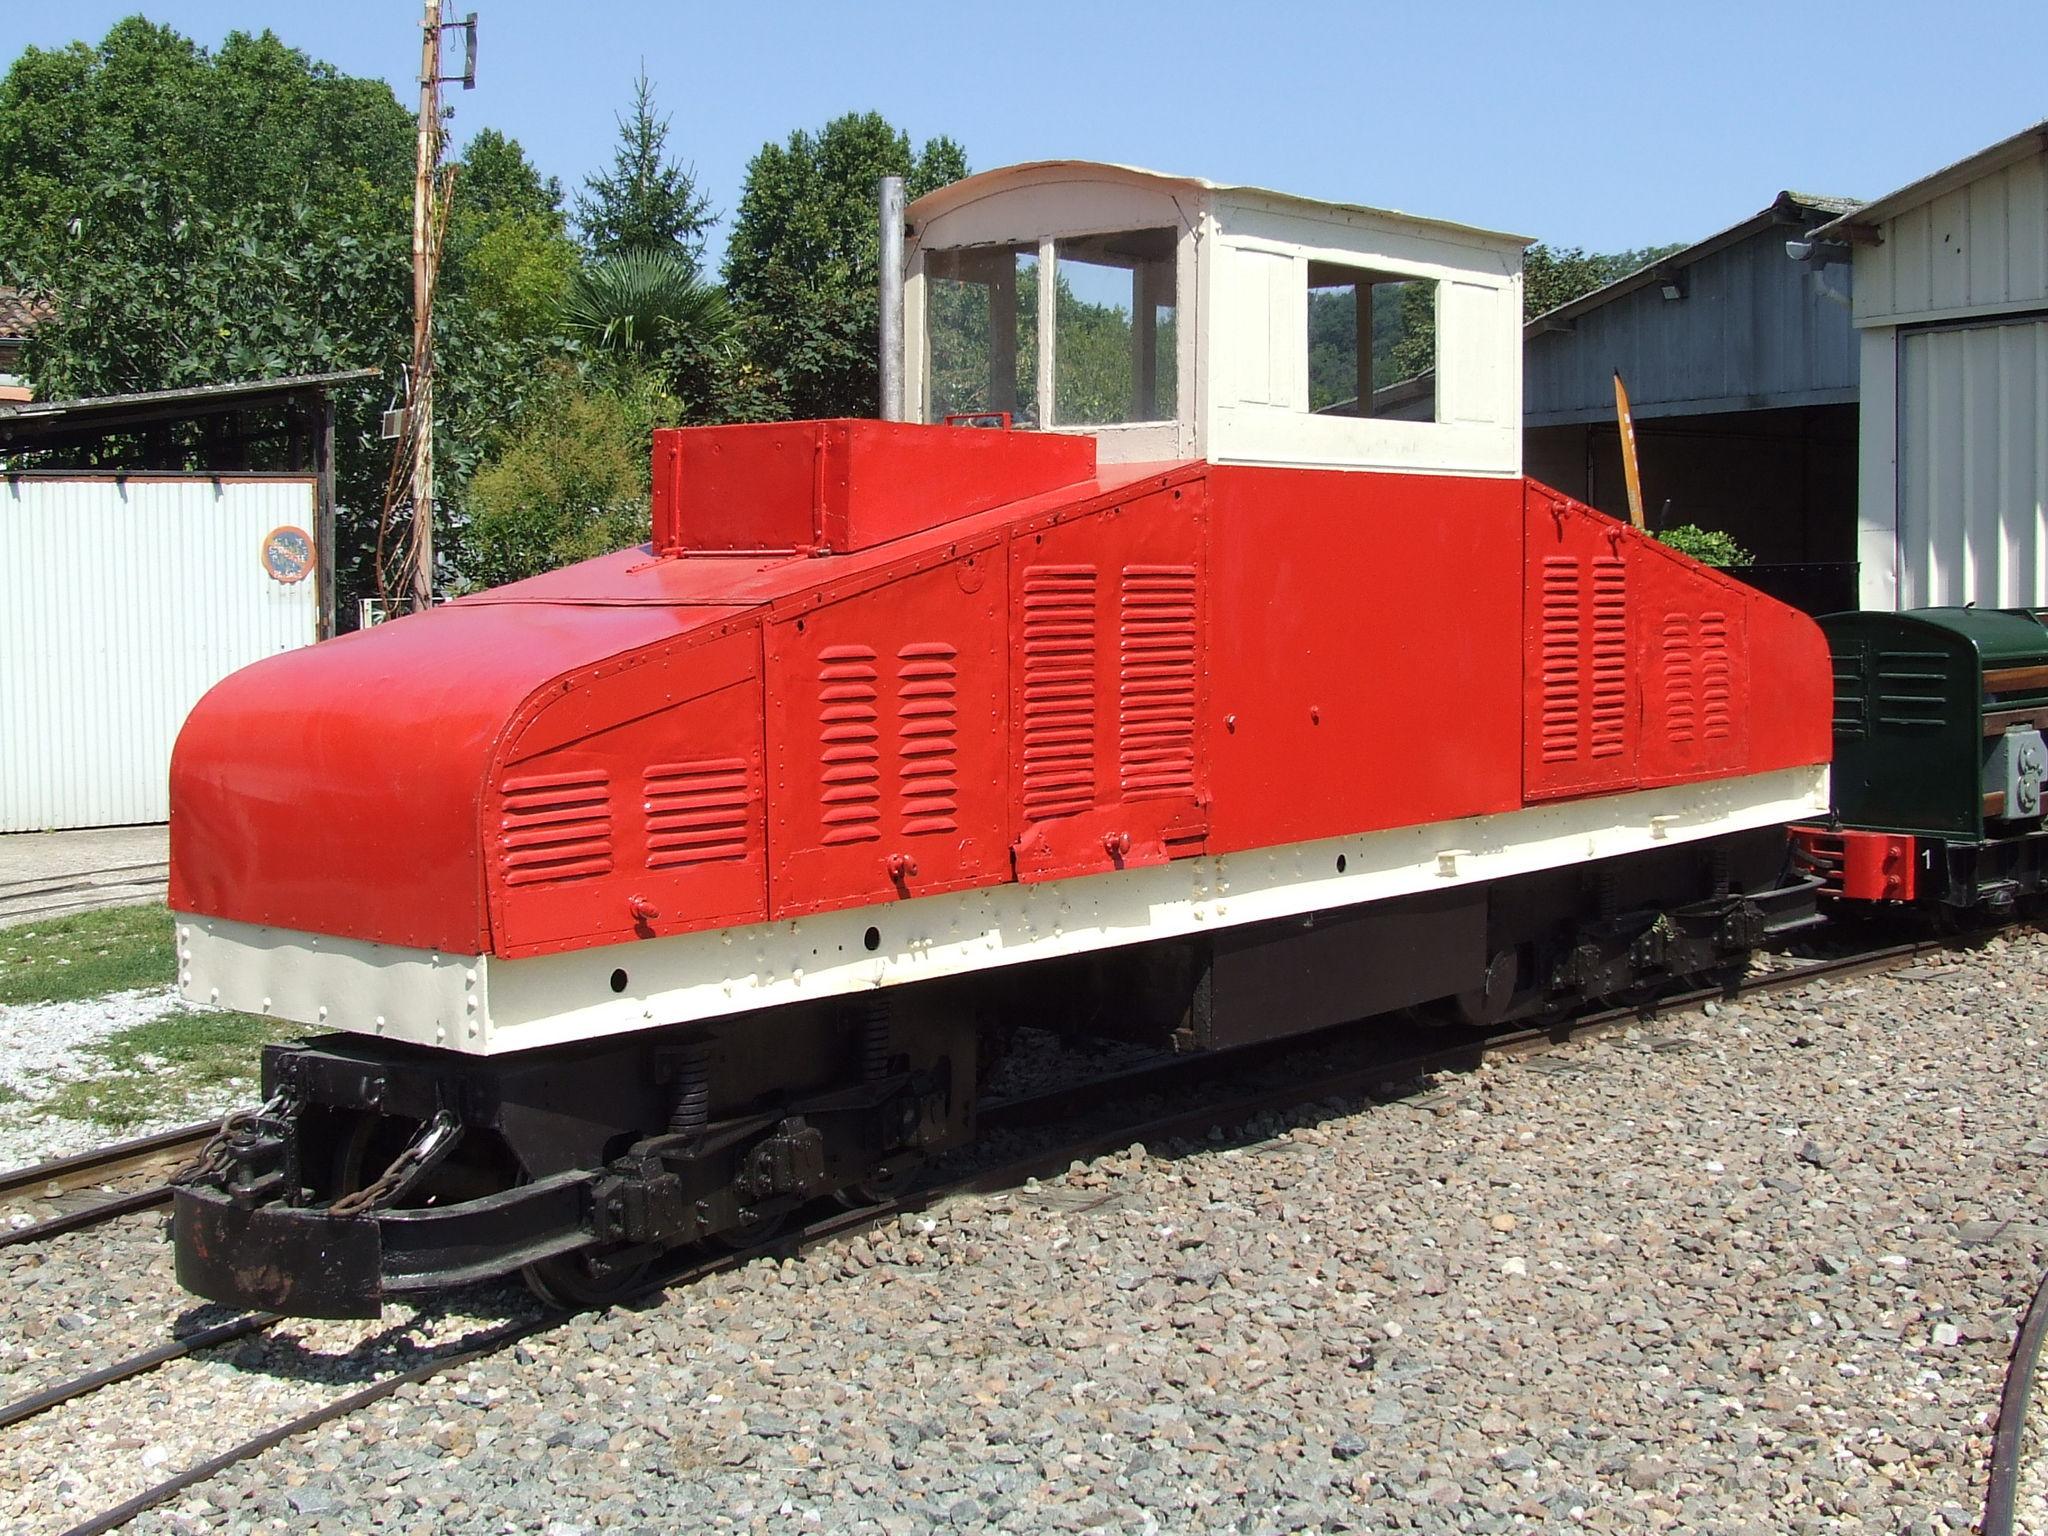 DSCF6240